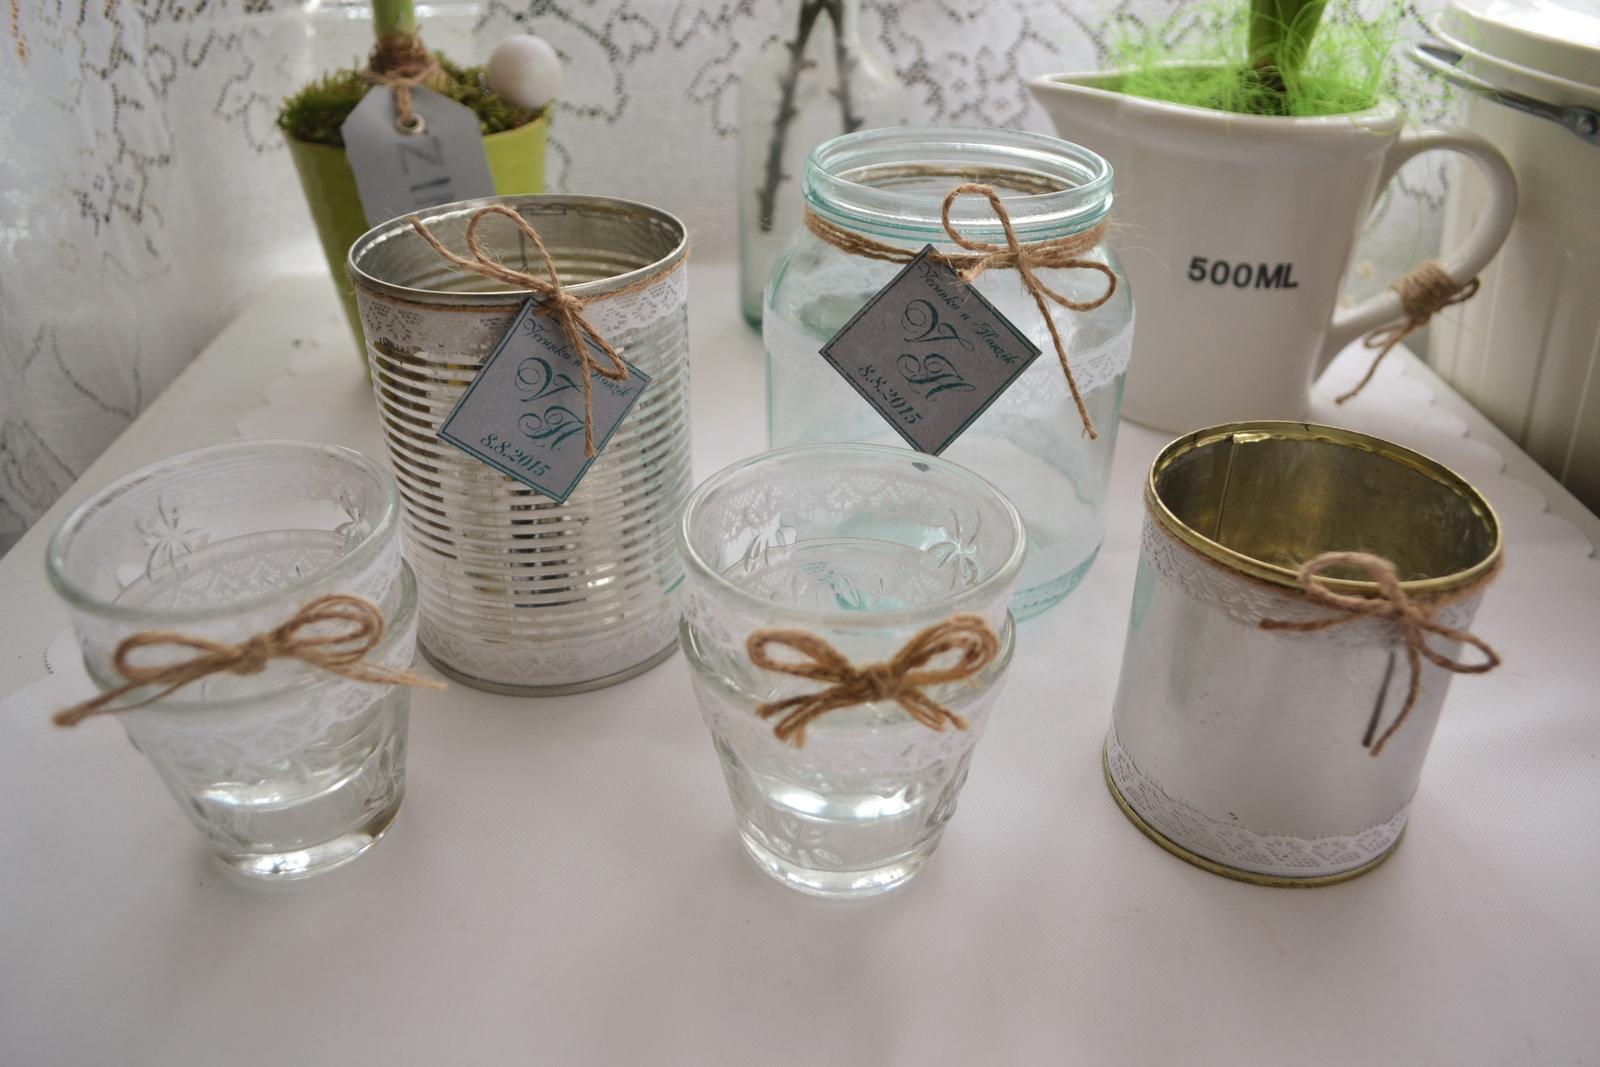 Co máme na naši svatbičku - plechovky a skleničky na květinovou výzdobu a svíčky